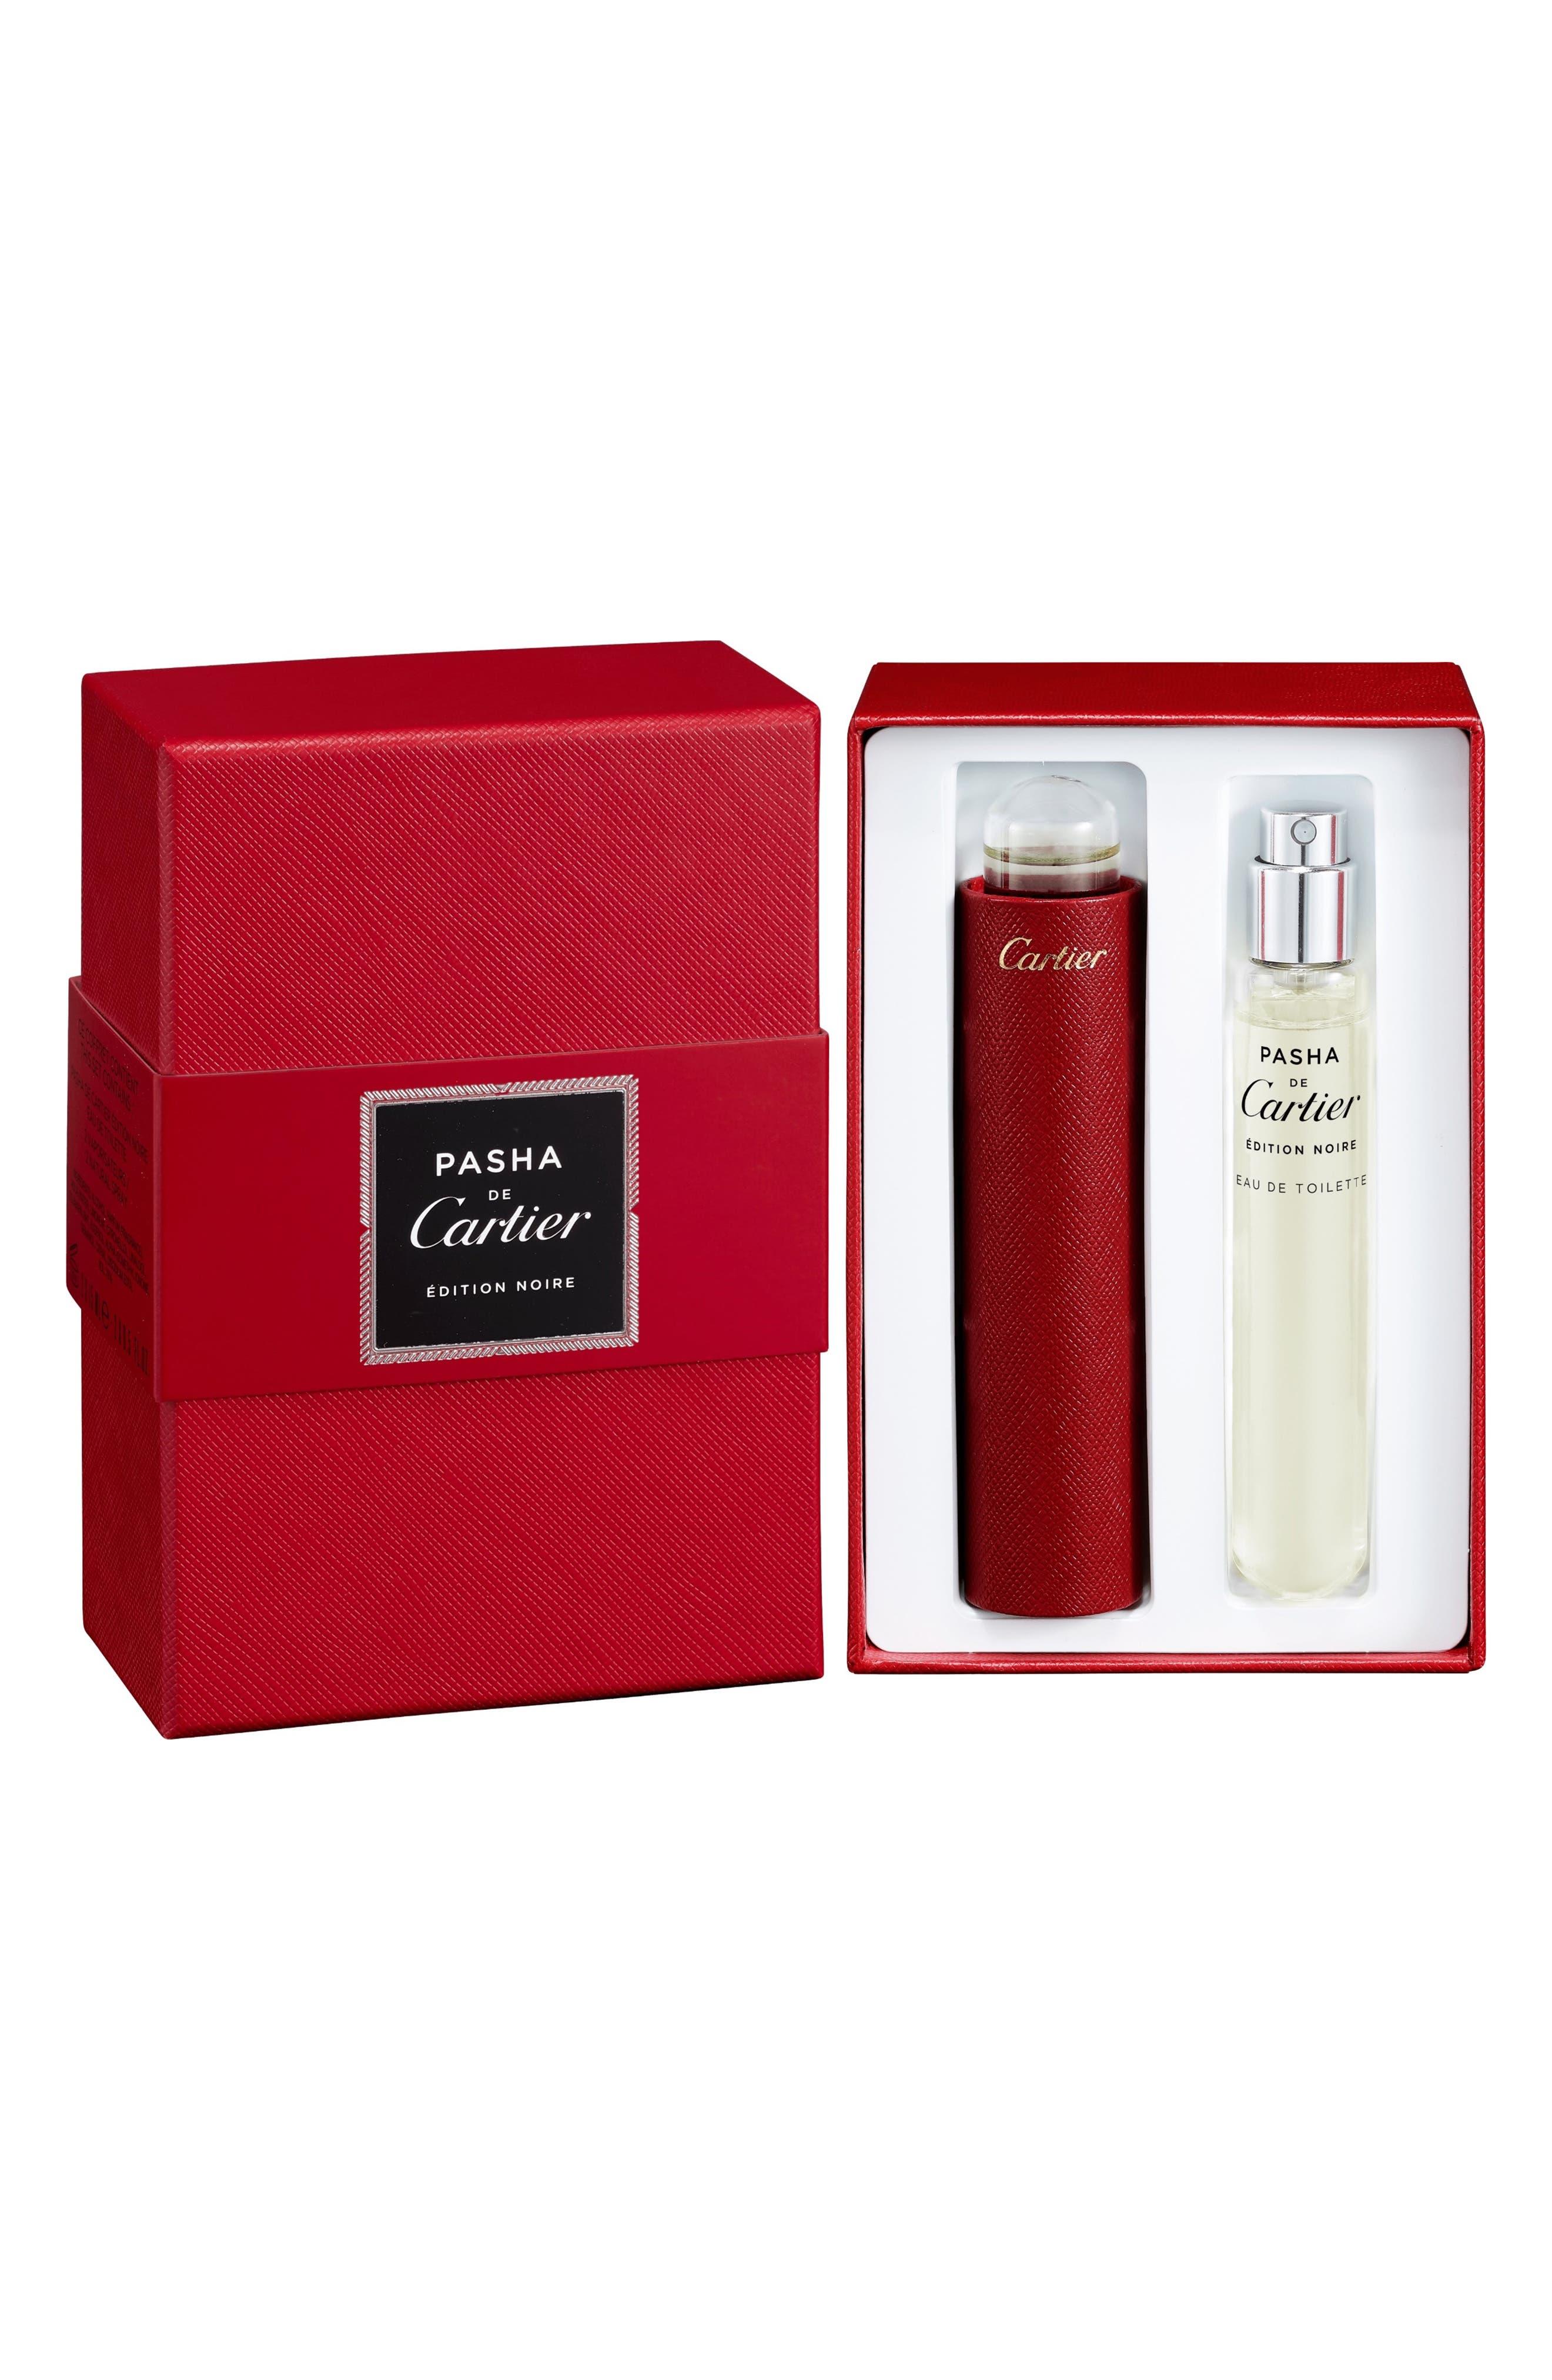 Cartier Pasha De Cartier Edition Noire Set